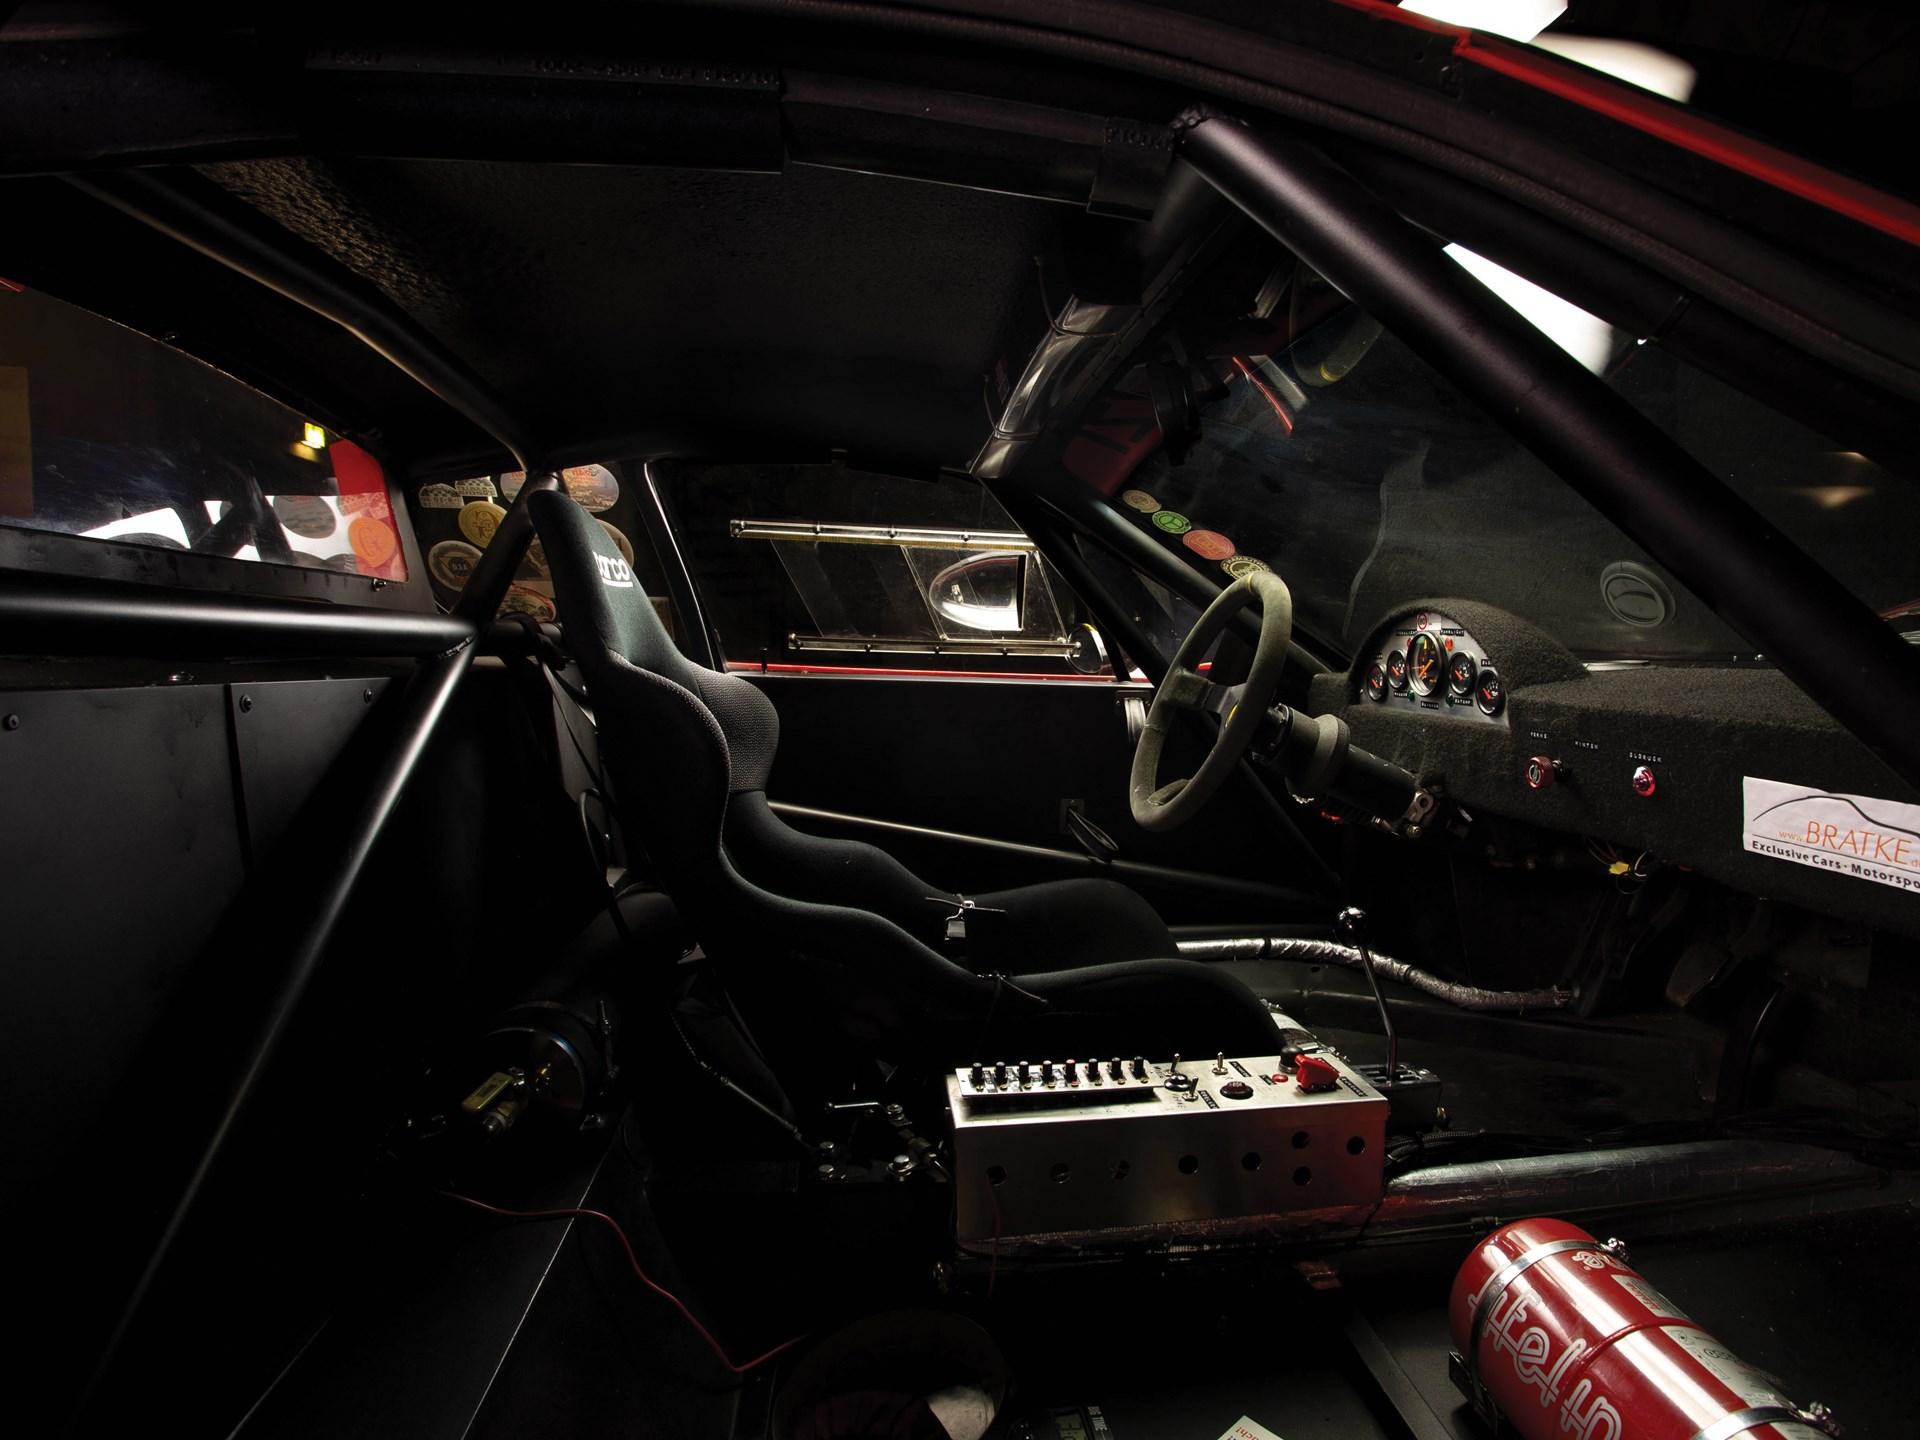 1980 Ferrari 512 BB Competizione passenger side interior